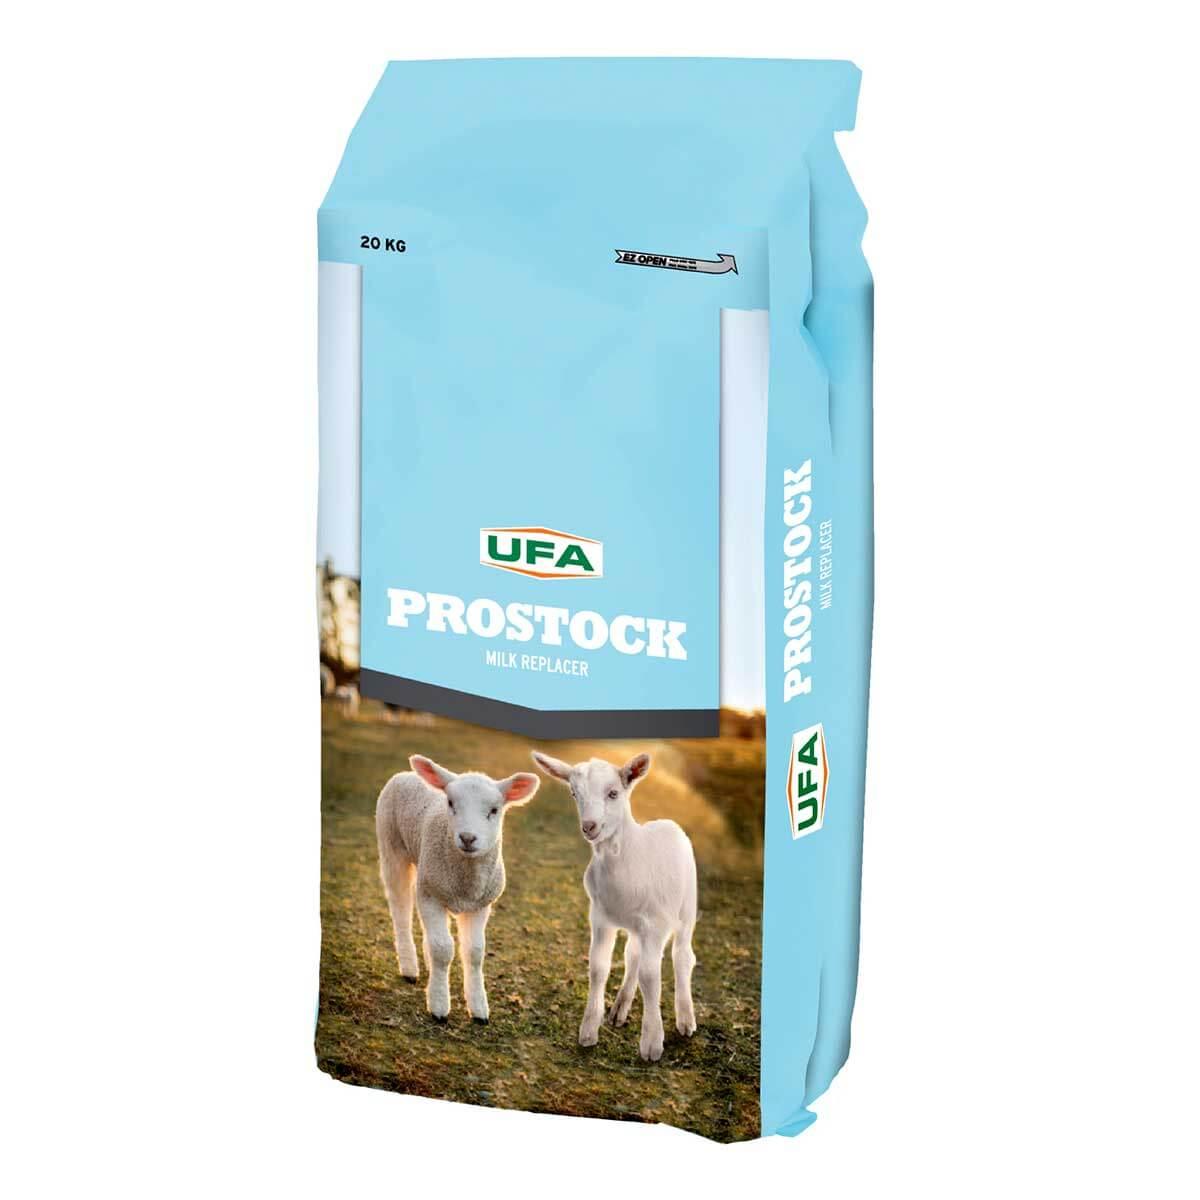 Lamb Milk Replacer - 20 kg